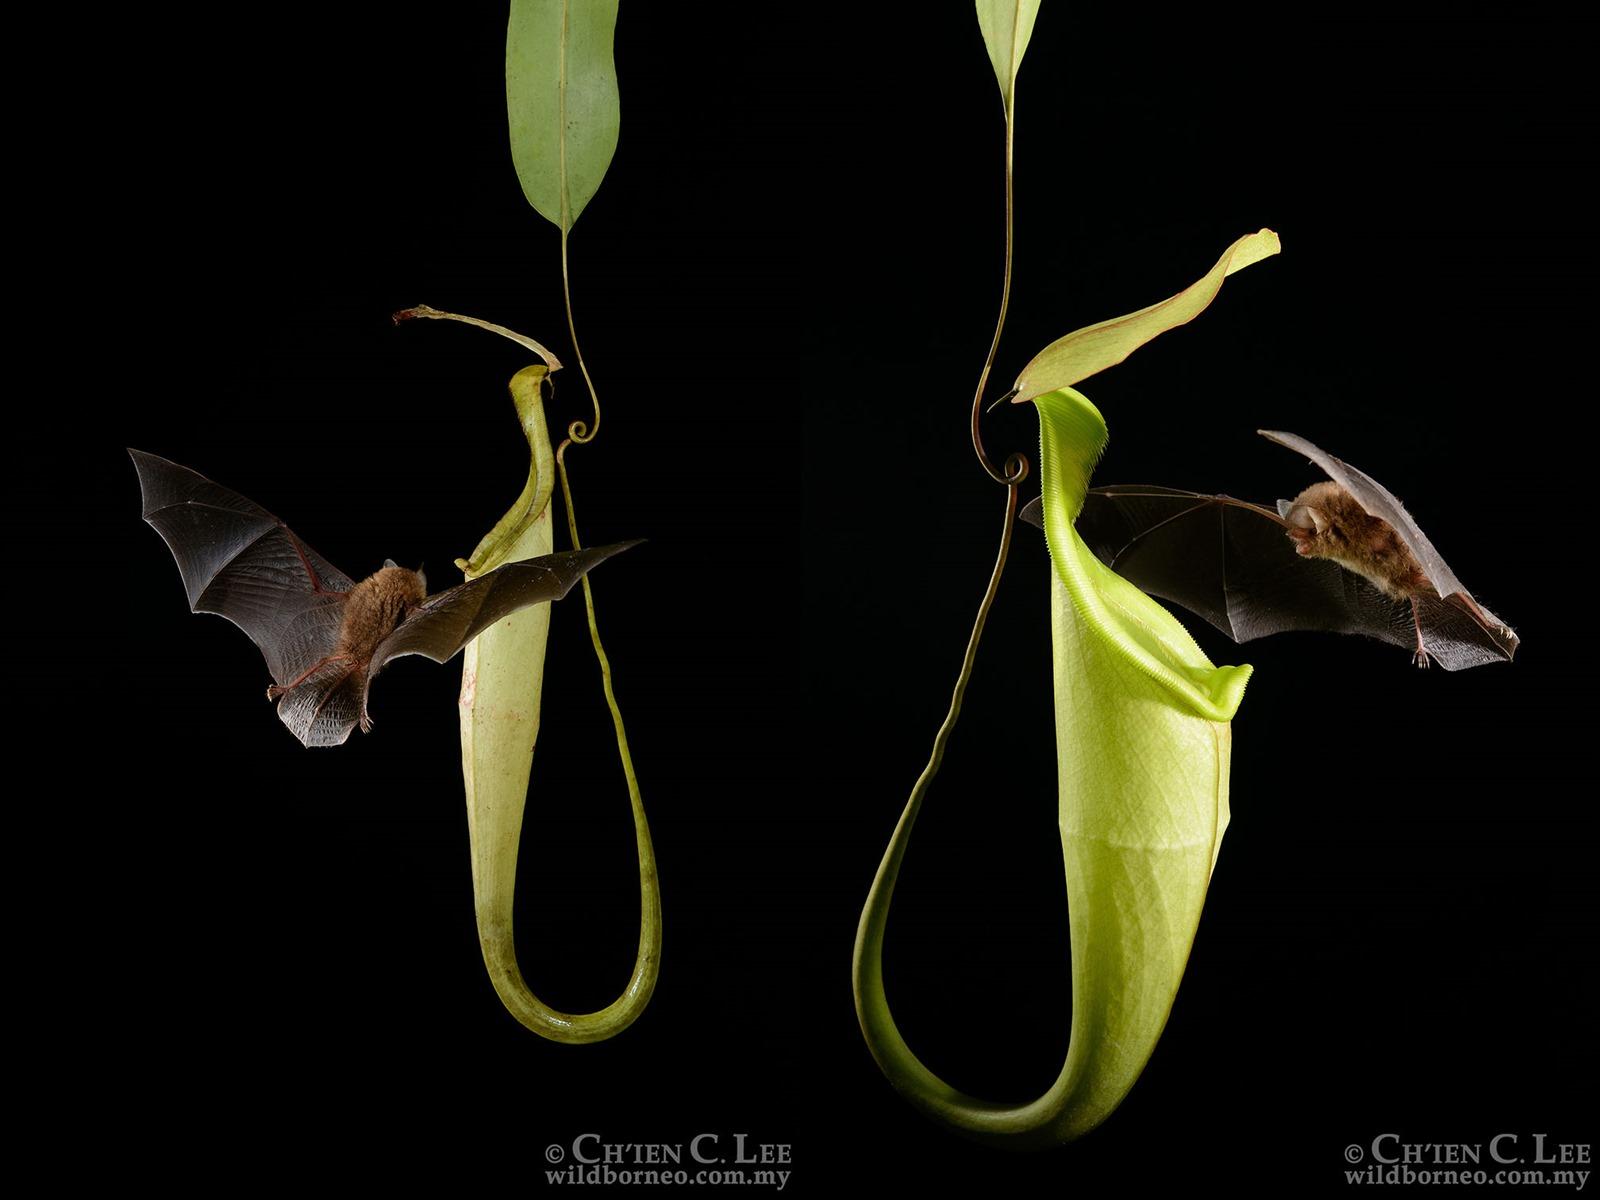 Des plantes carnivores attirent acoustiquement des chauves-souris